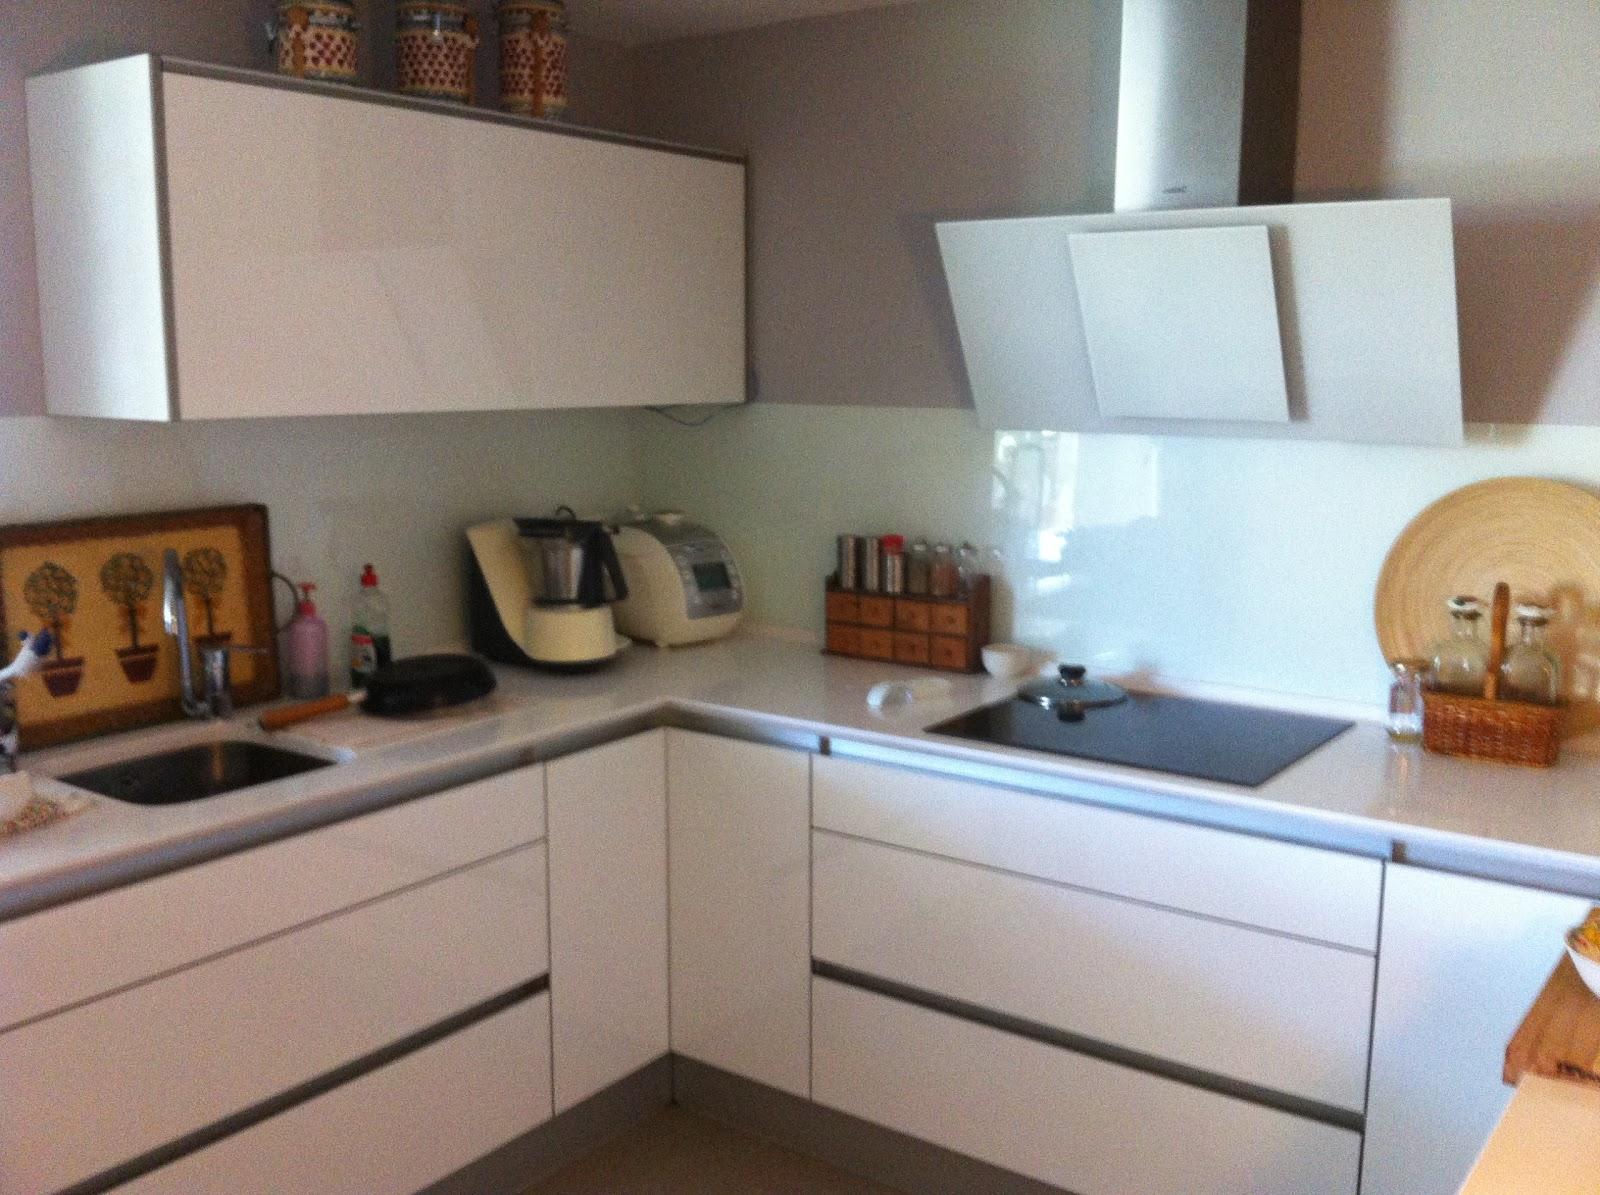 Formas almacen de cocinas cocina con o sin tiradores - Cocinas forma l ...